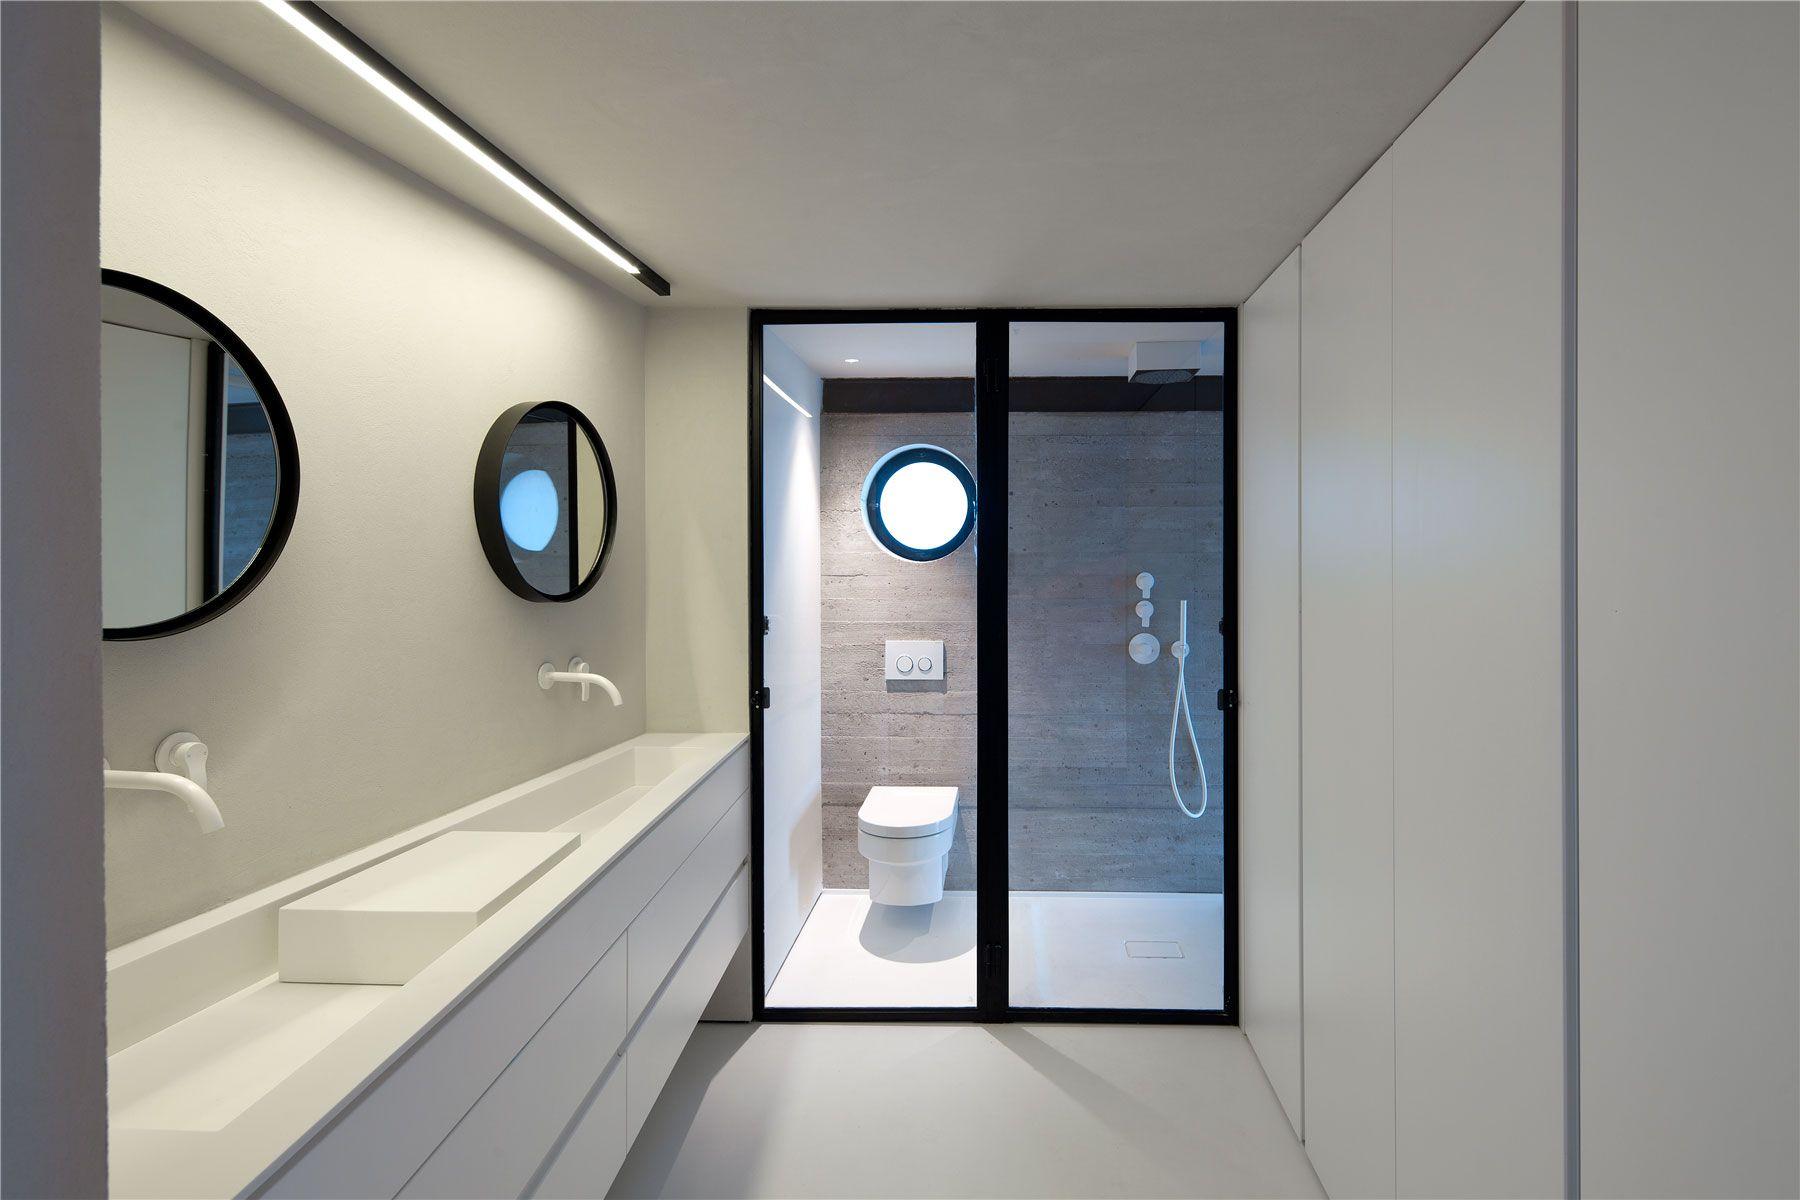 Badezimmer design beleuchtung factory jaffa house  pitsou kedem  baño  pinterest  badezimmer